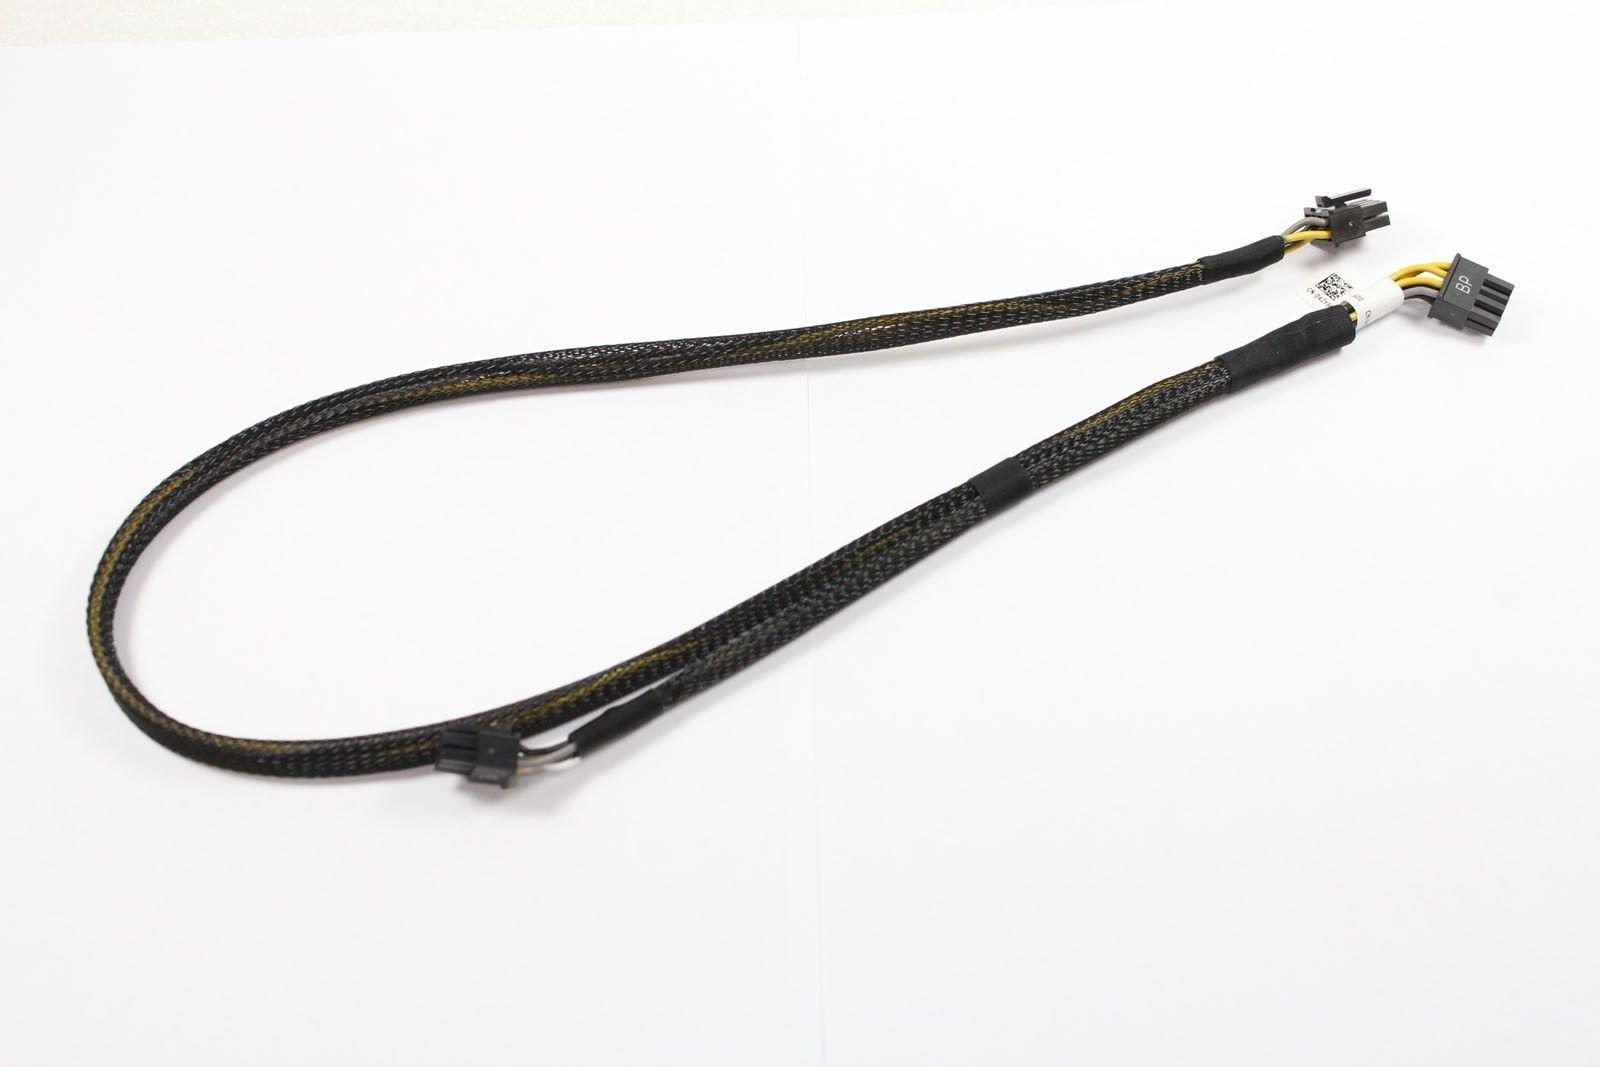 Dell PowerEdge R620 Power Cable 42Y6C 042Y6C